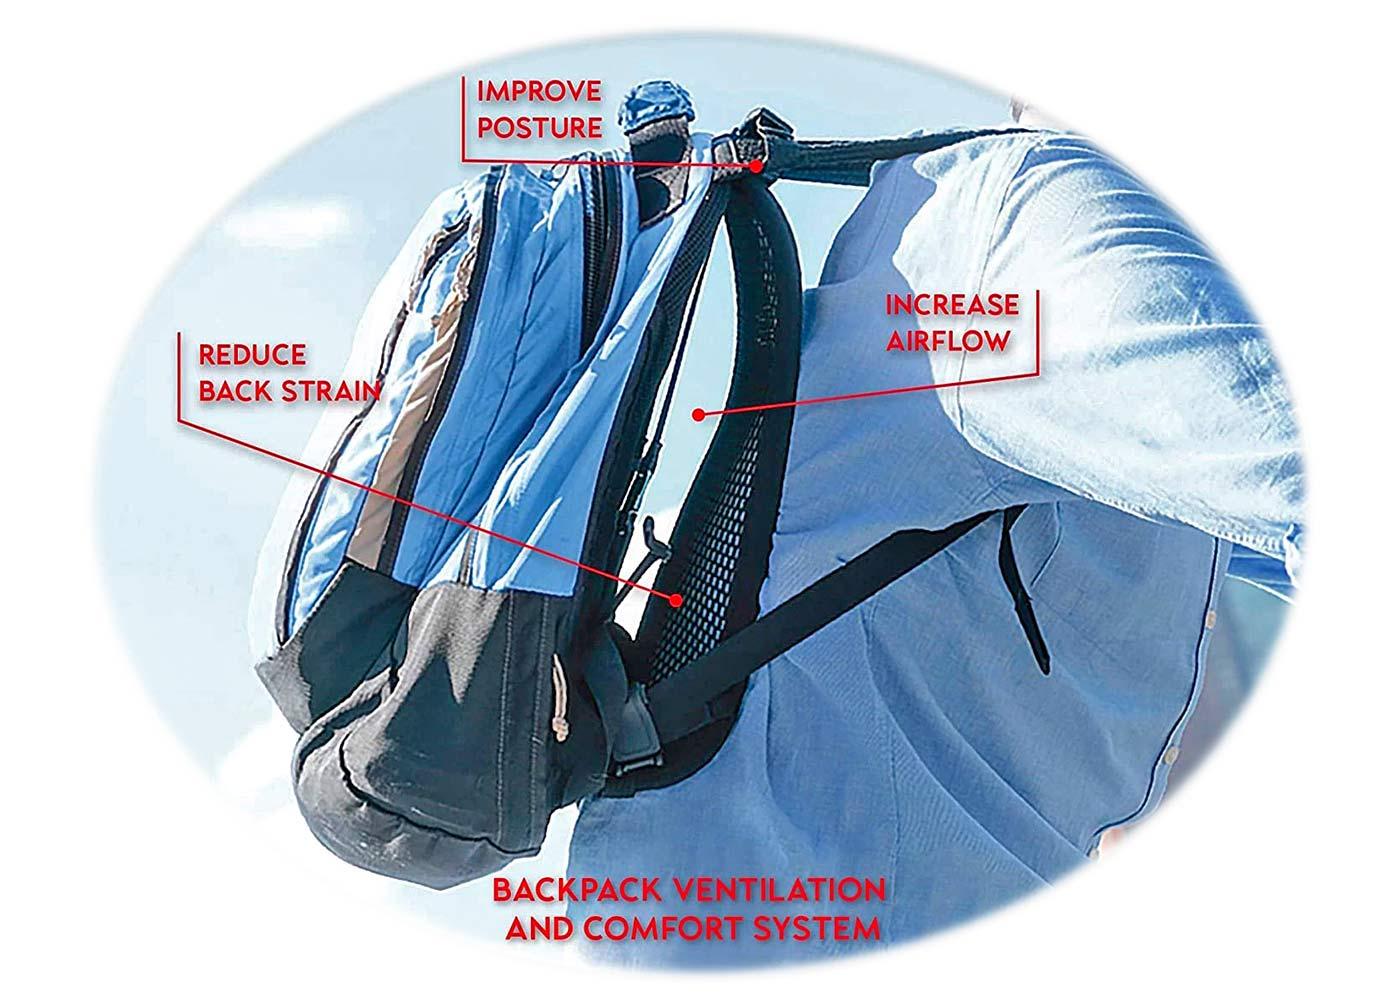 VentaPak commuter backpack spacer boosts ventilation